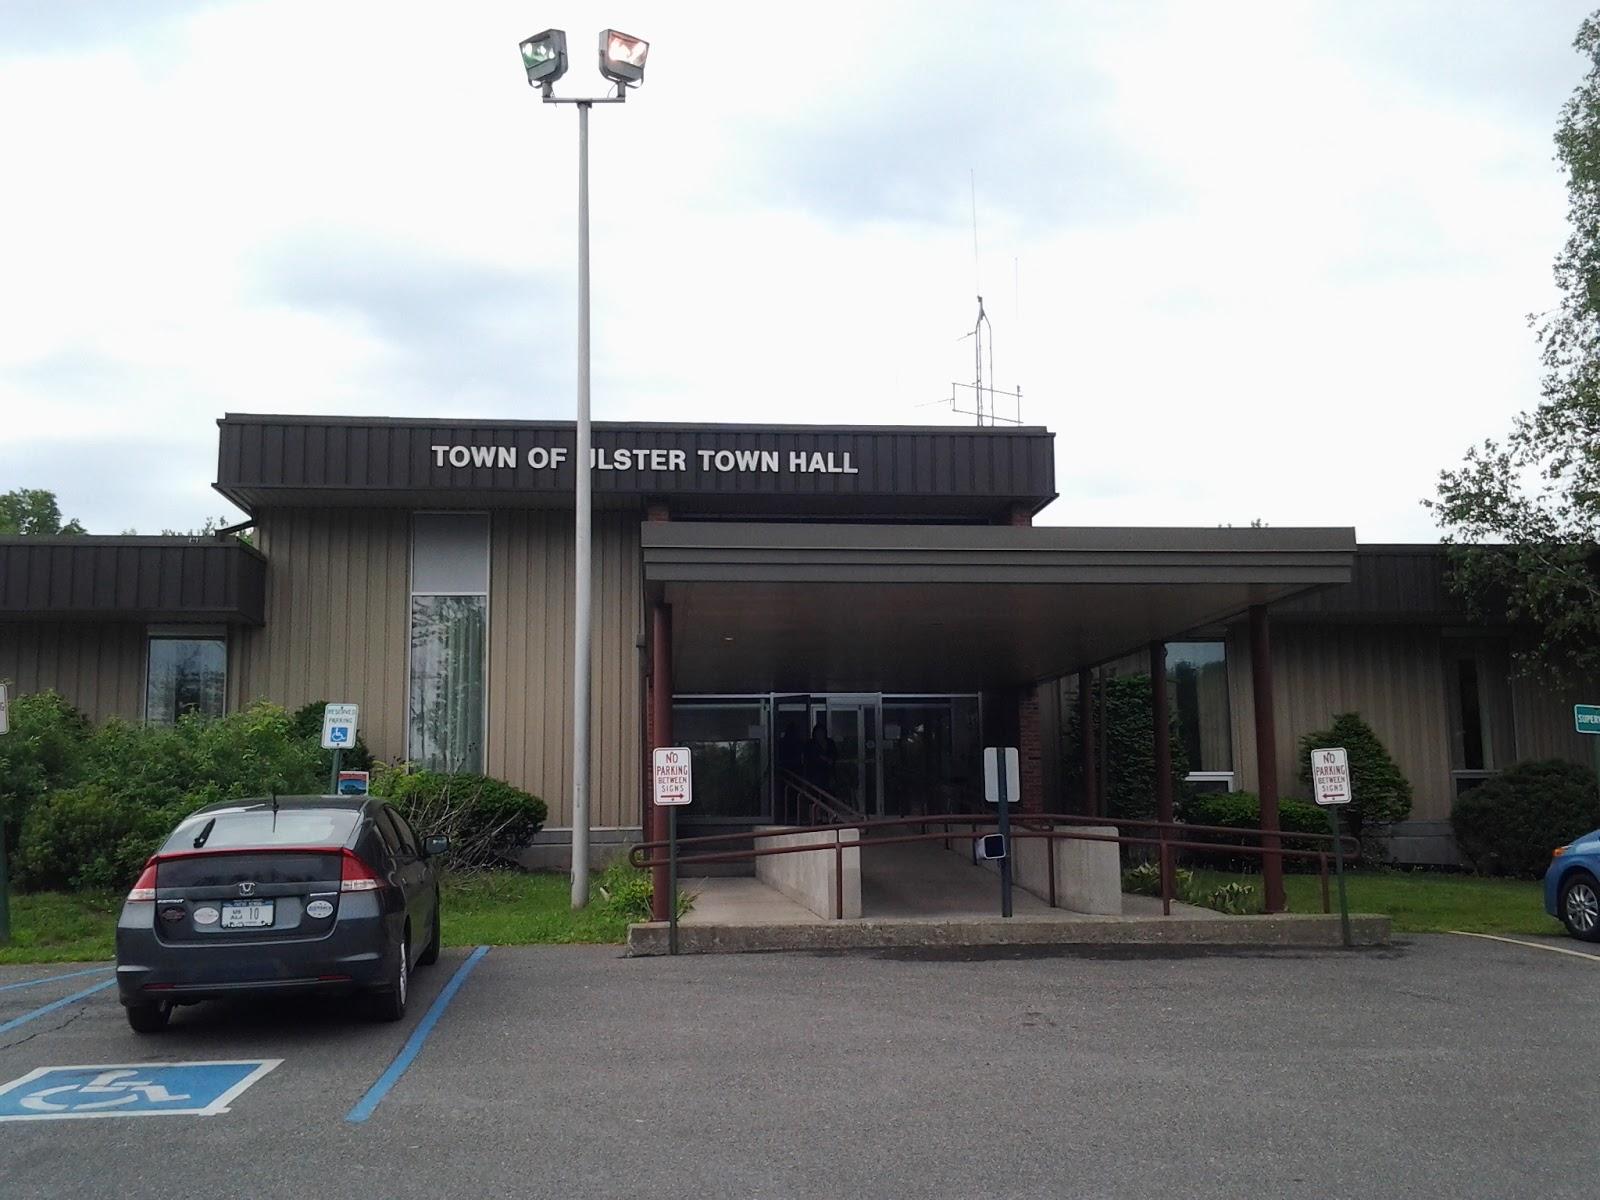 Upstate New York Attorney Rakesh Joshi, Esq.: ULSTER TOWN COURTulster town